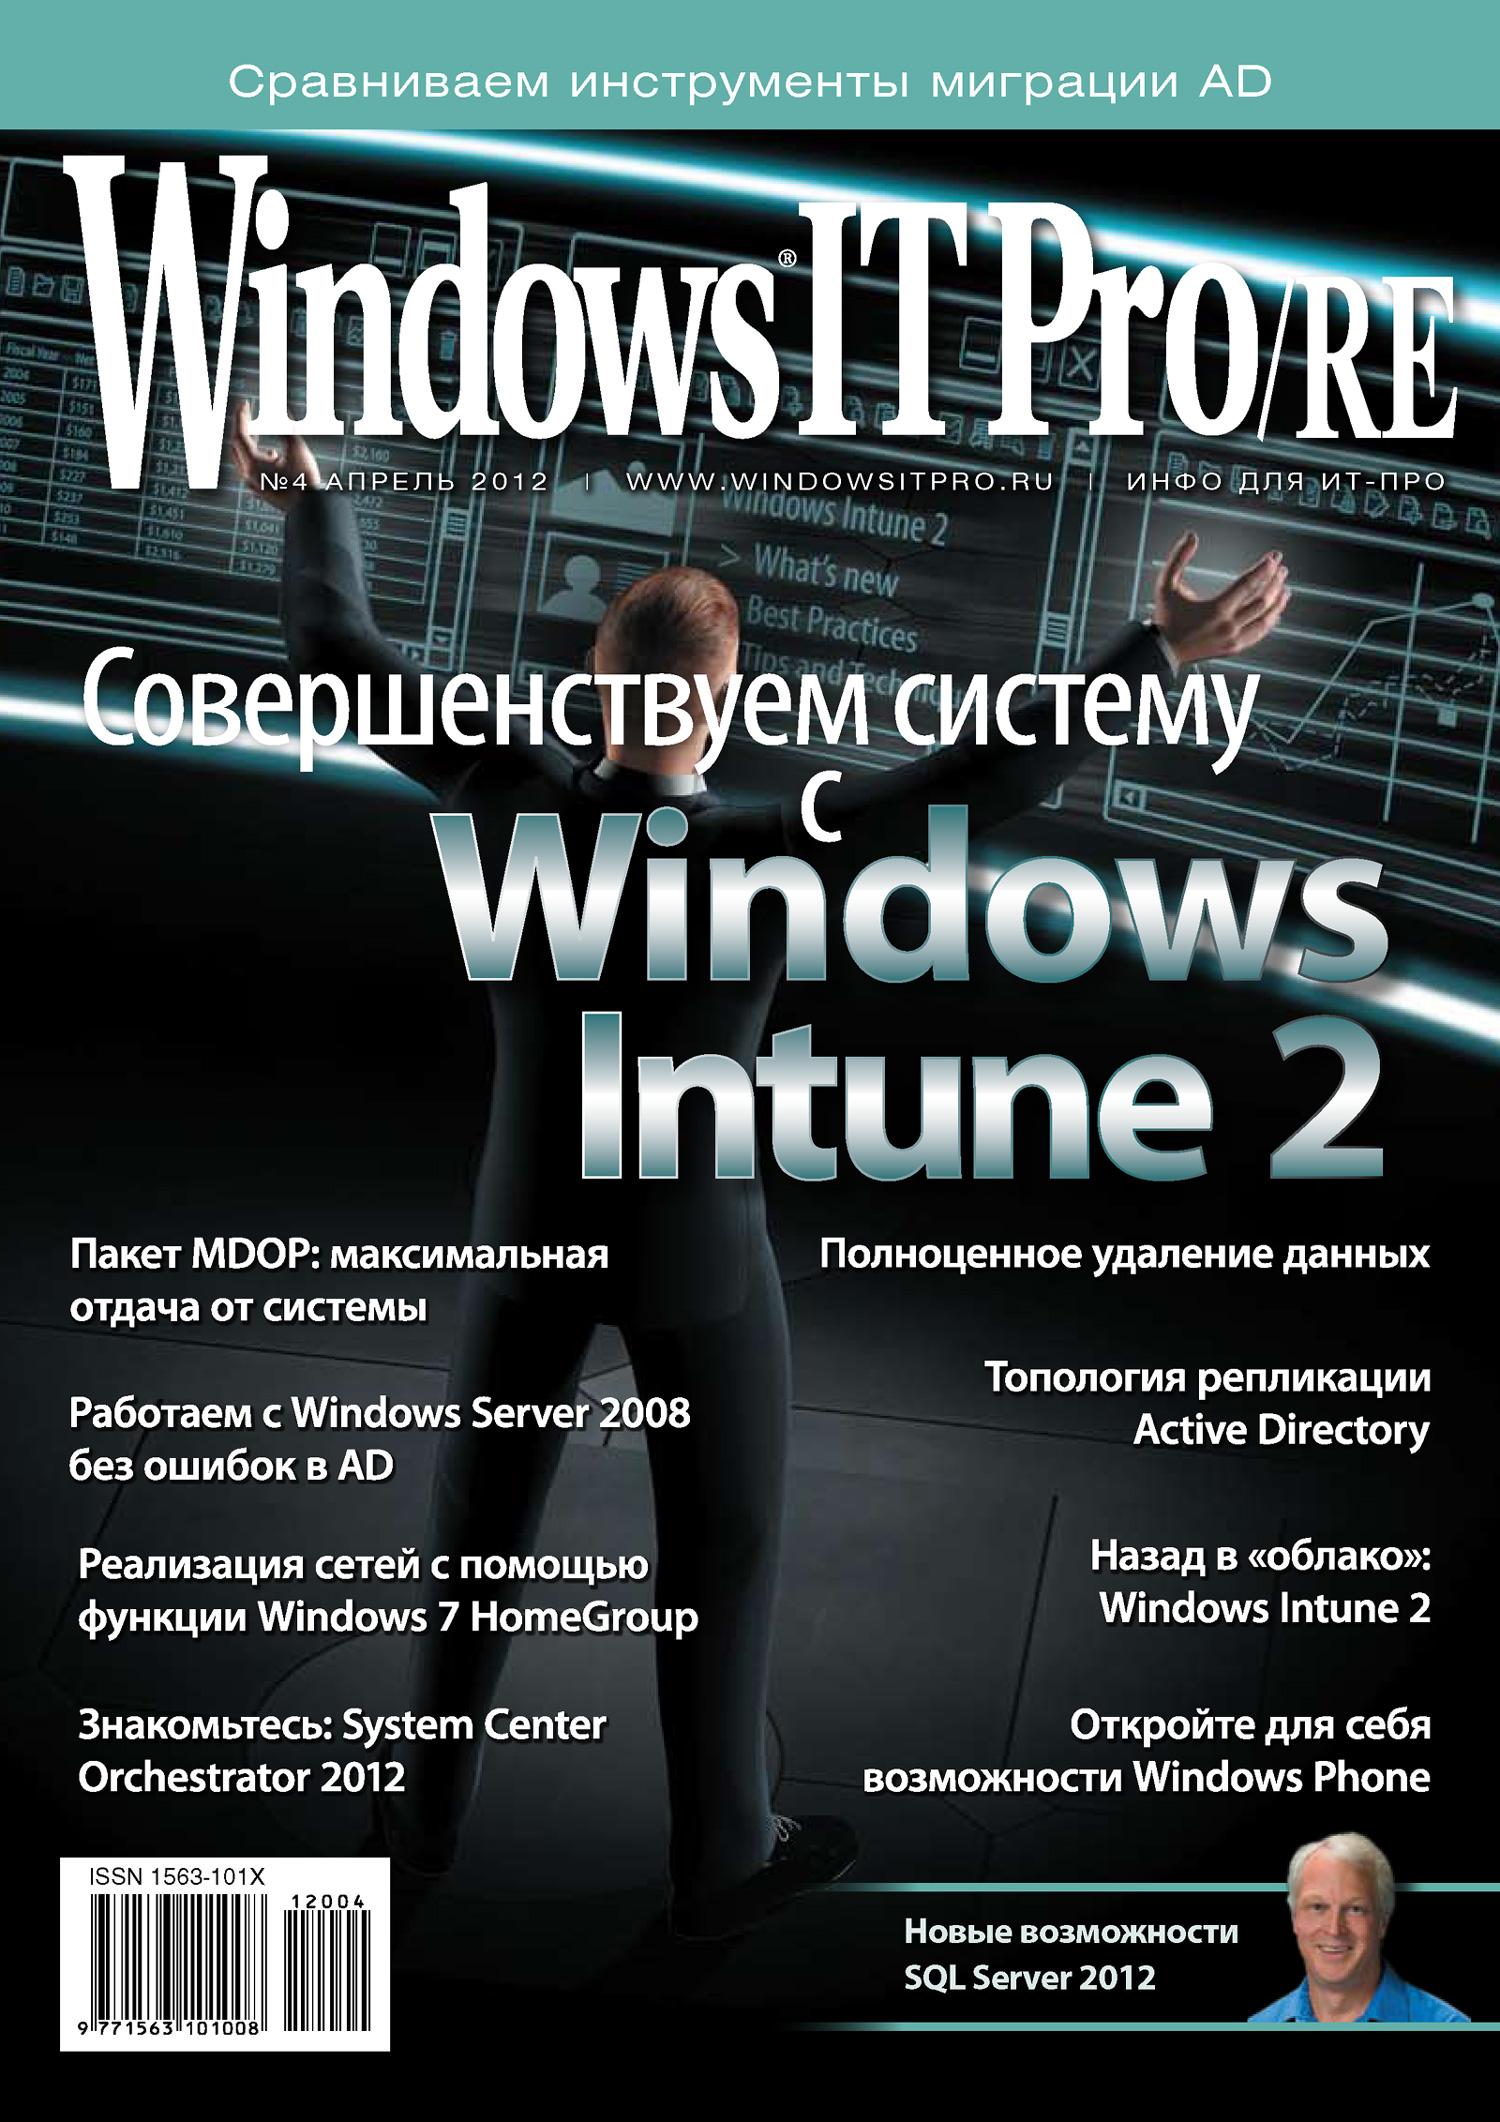 Windows IT Pro/RE № 04/2012